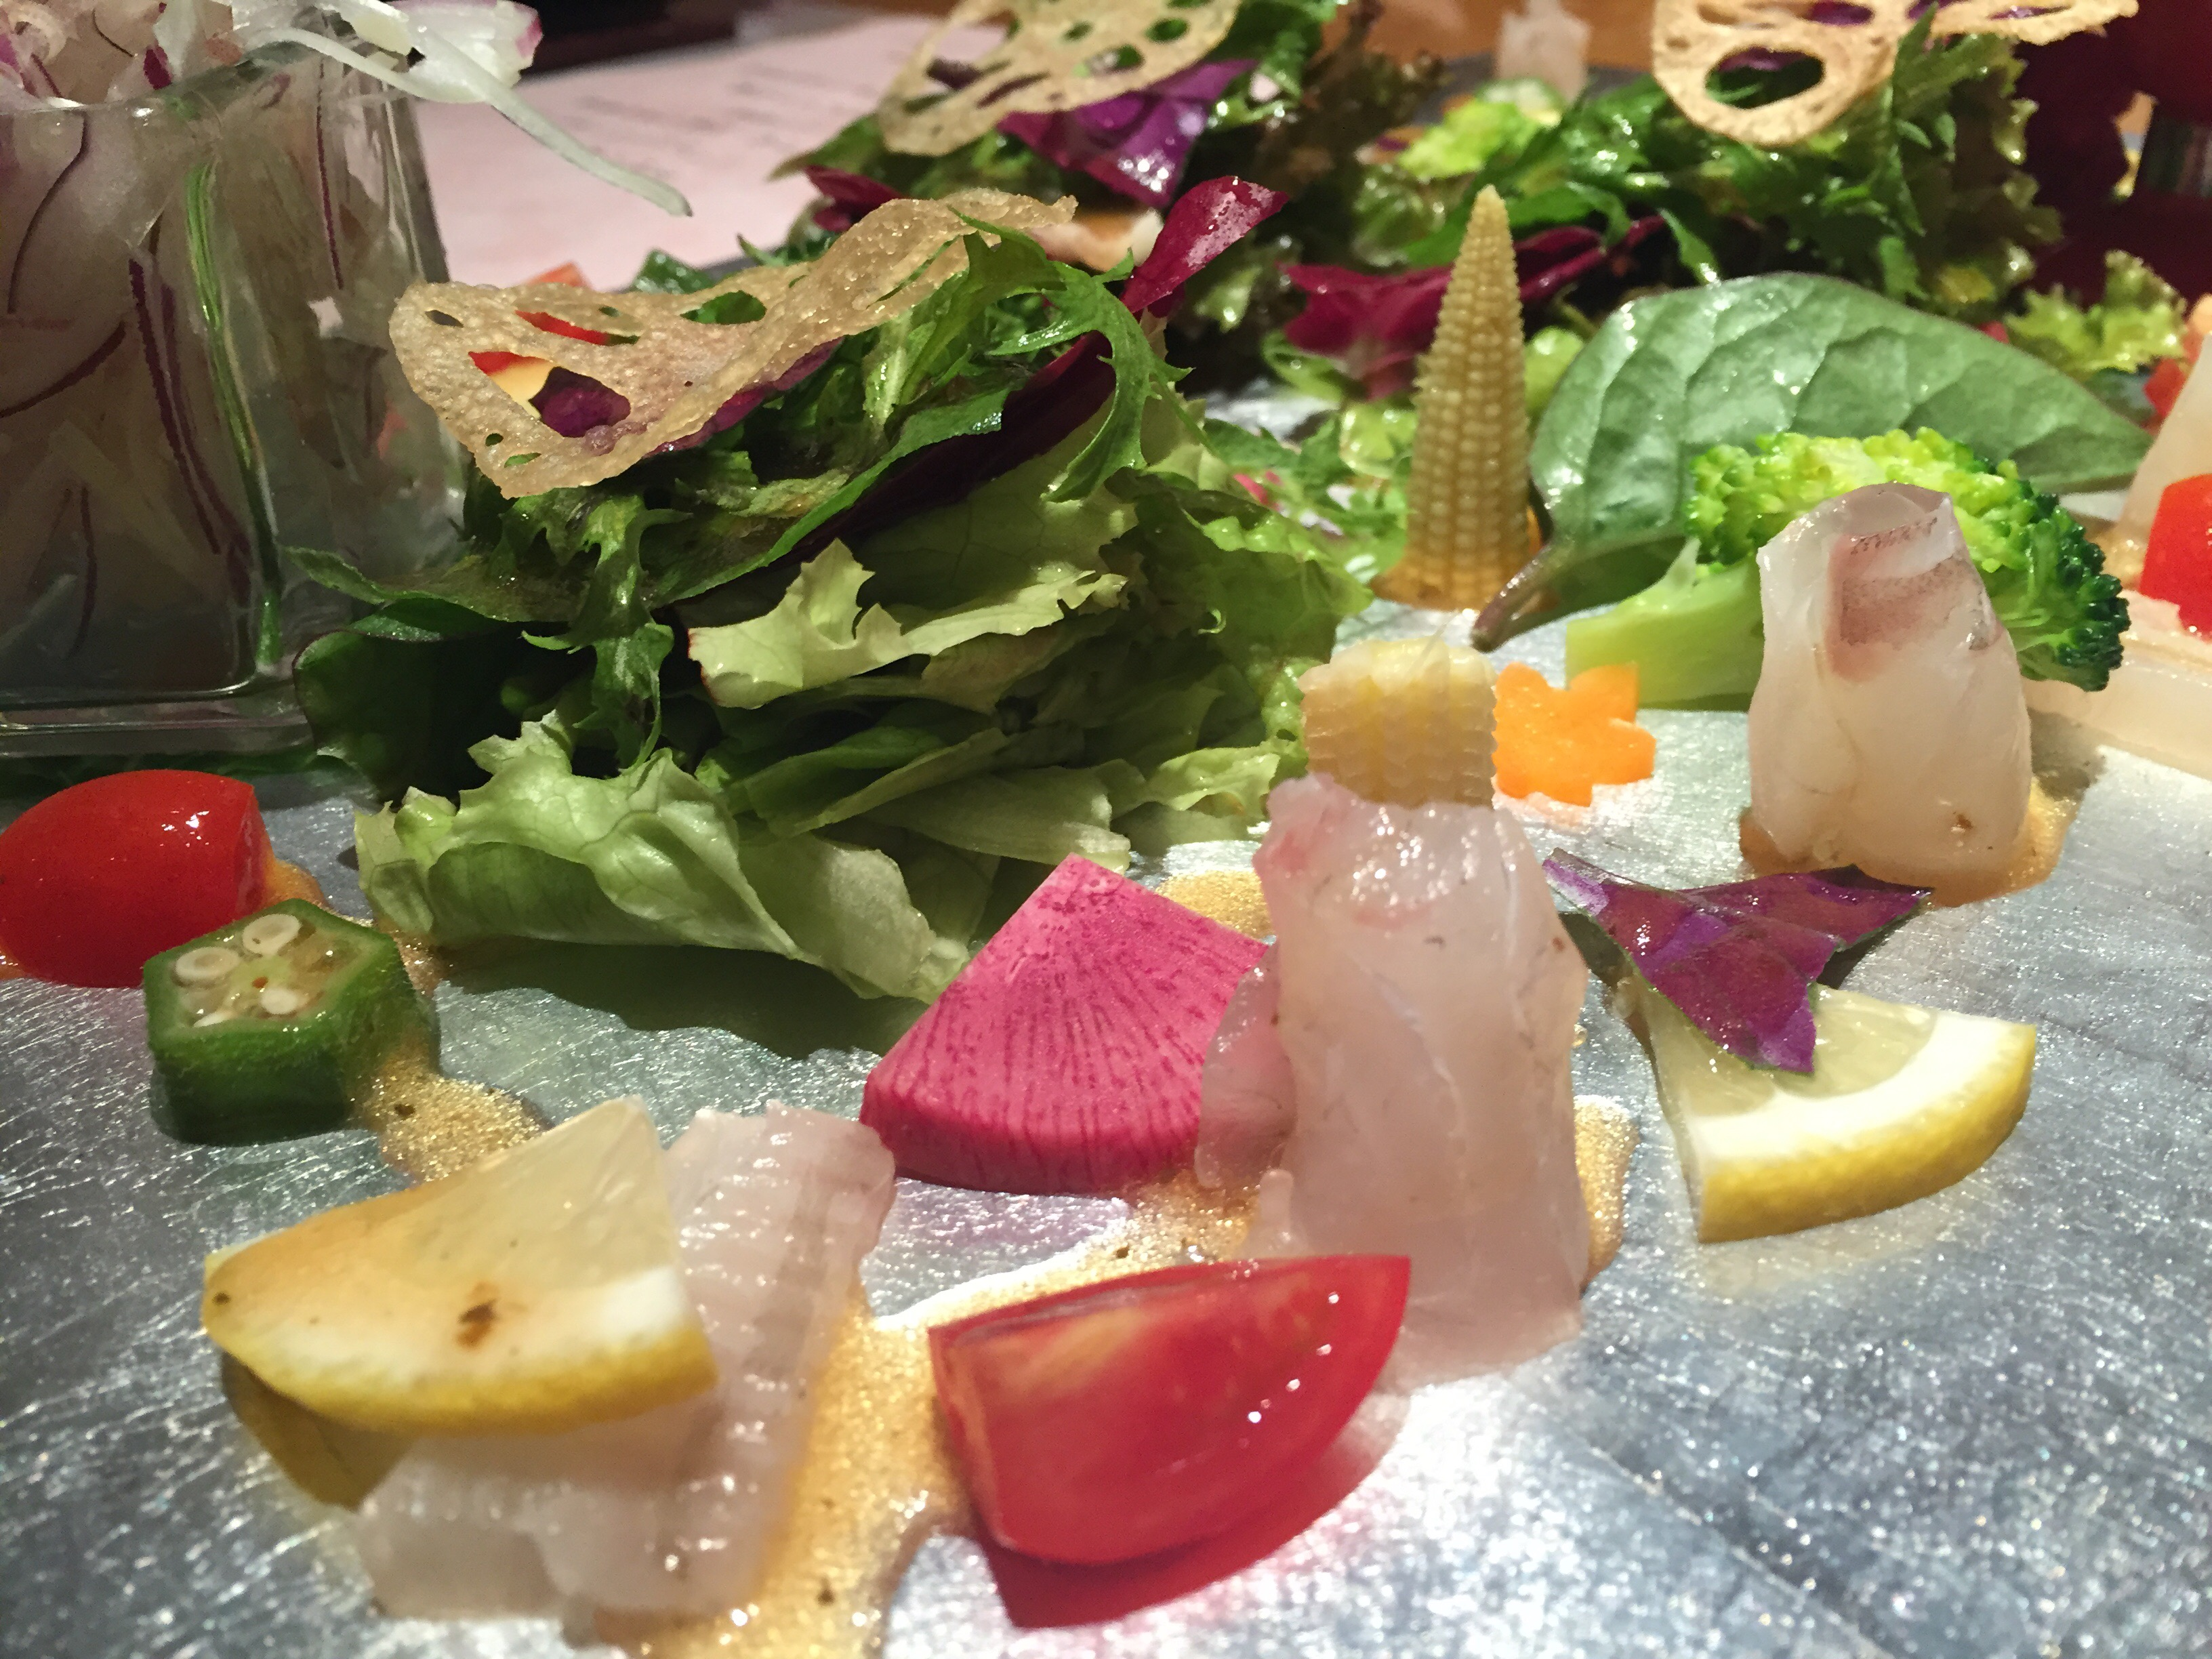 禅の旬魚と有機野菜のサラダ カルパッチョ風